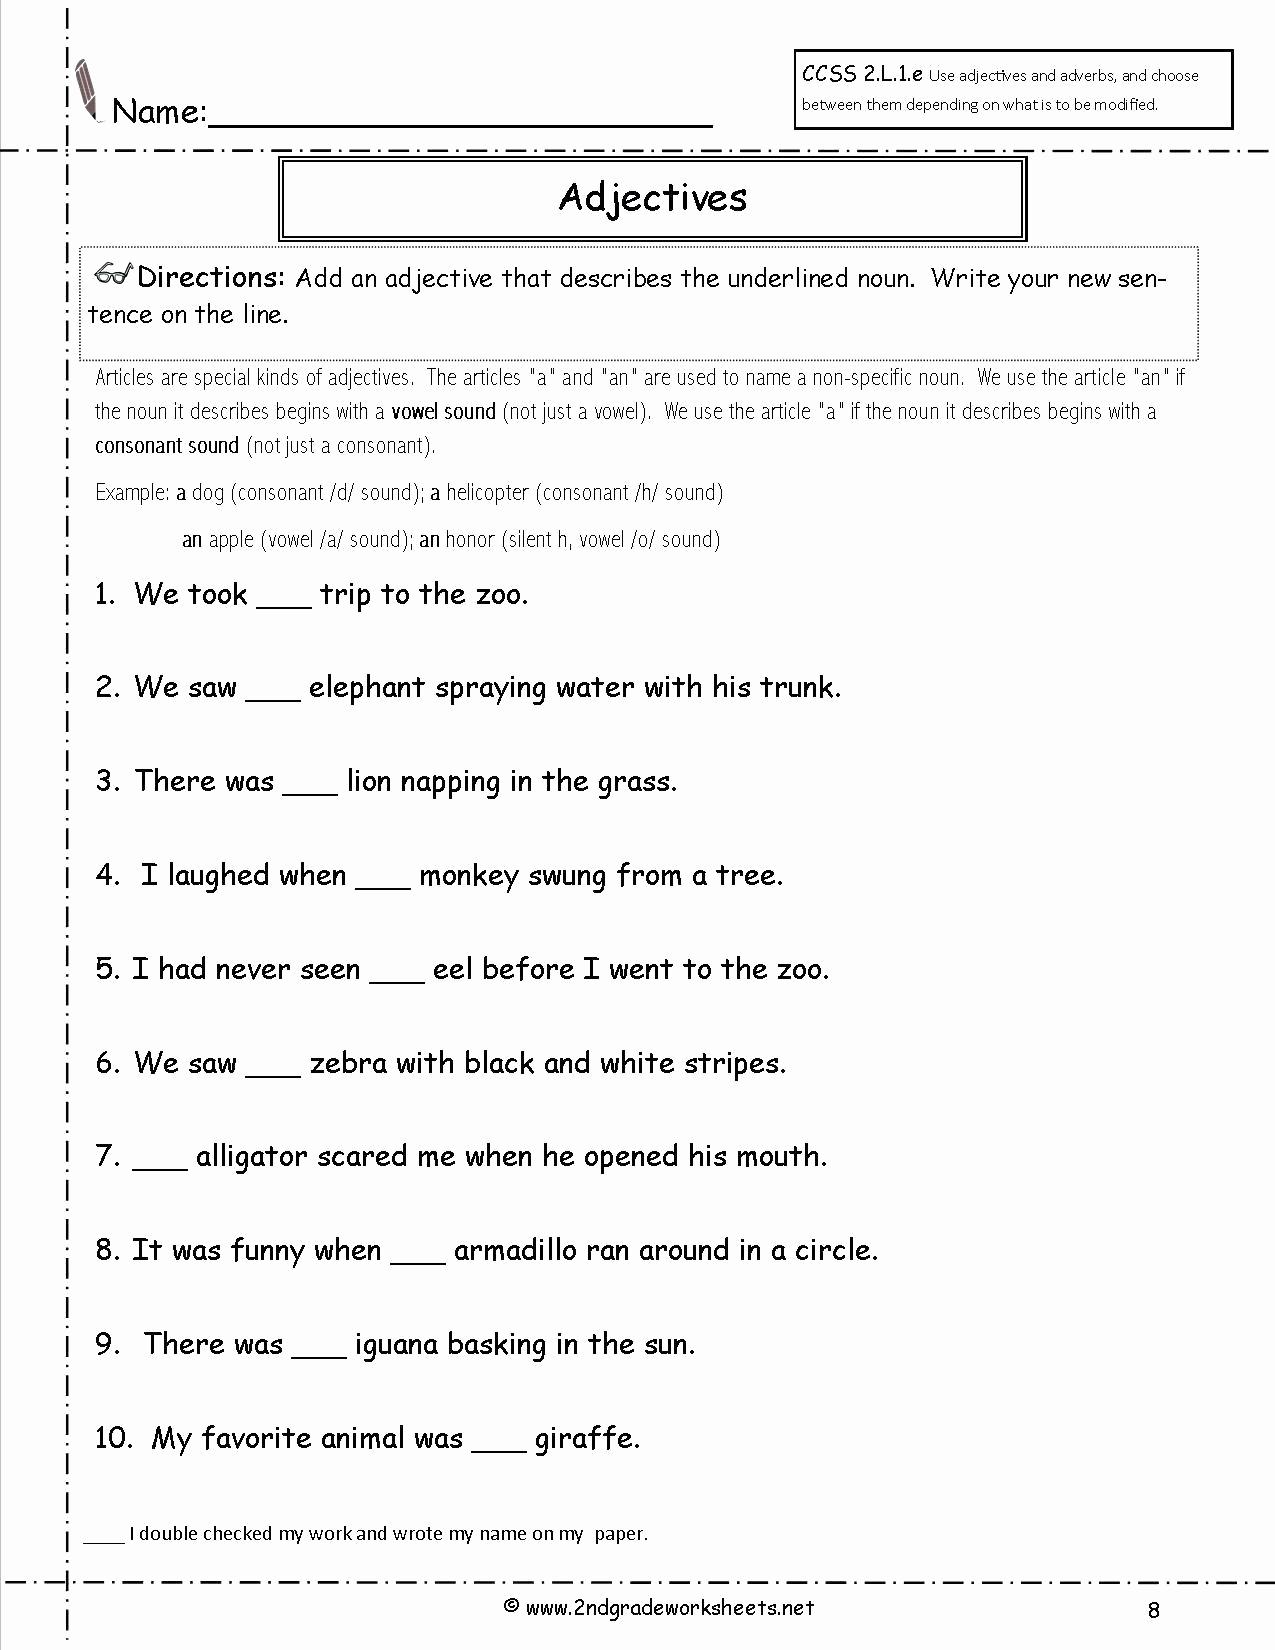 Scientific Method Worksheets 5th Grade Unique 20 Scientific Method Worksheet 5th Grade